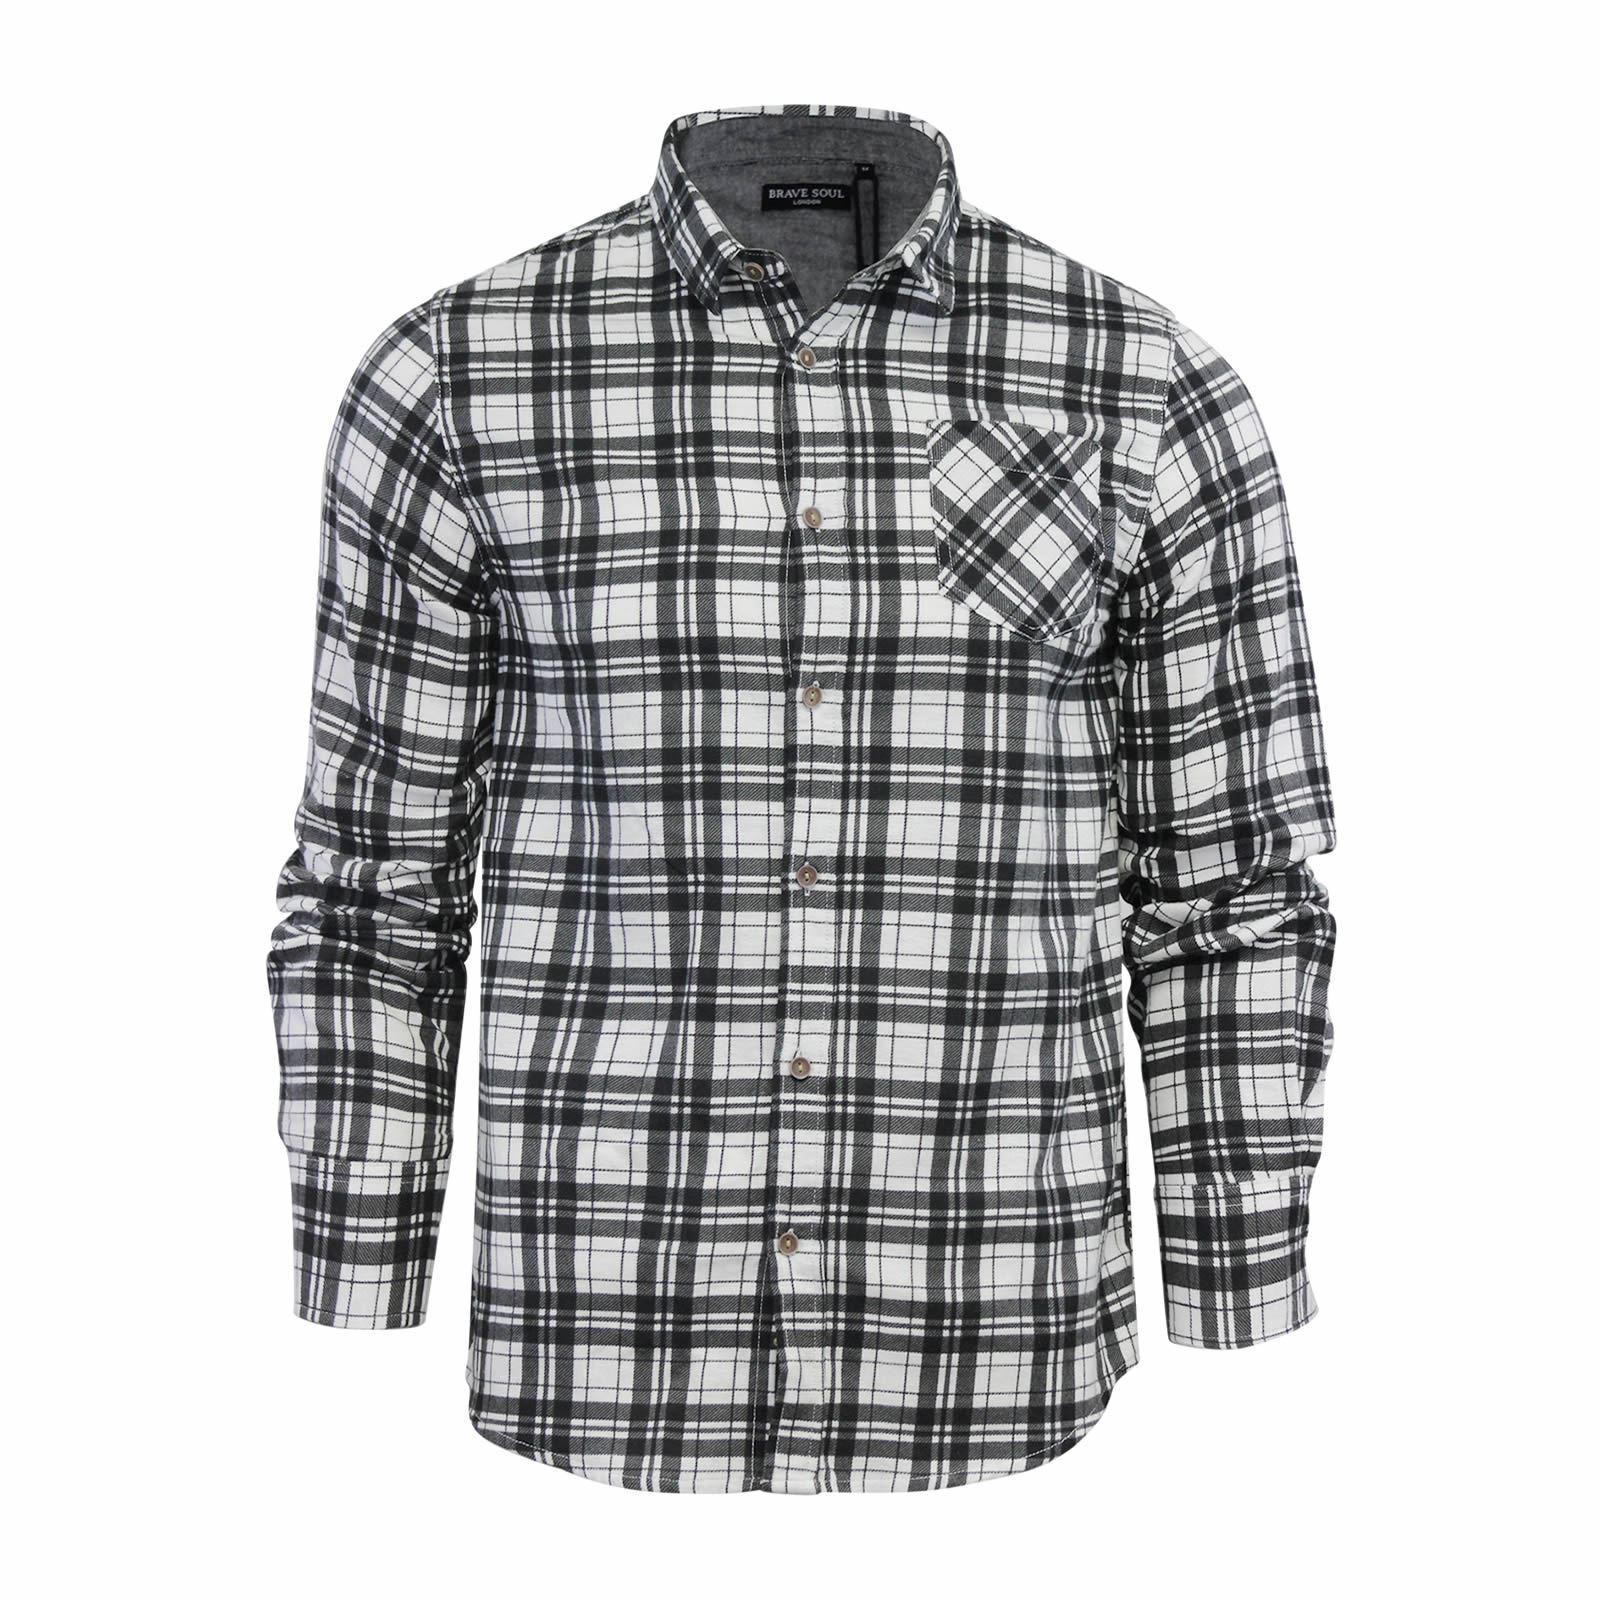 Alma-VALIENTE-HOMBRE-compruebe-Camisa-Algodon-Cepillado-De-Franela-Top-Manga-Larga-Casual miniatura 85